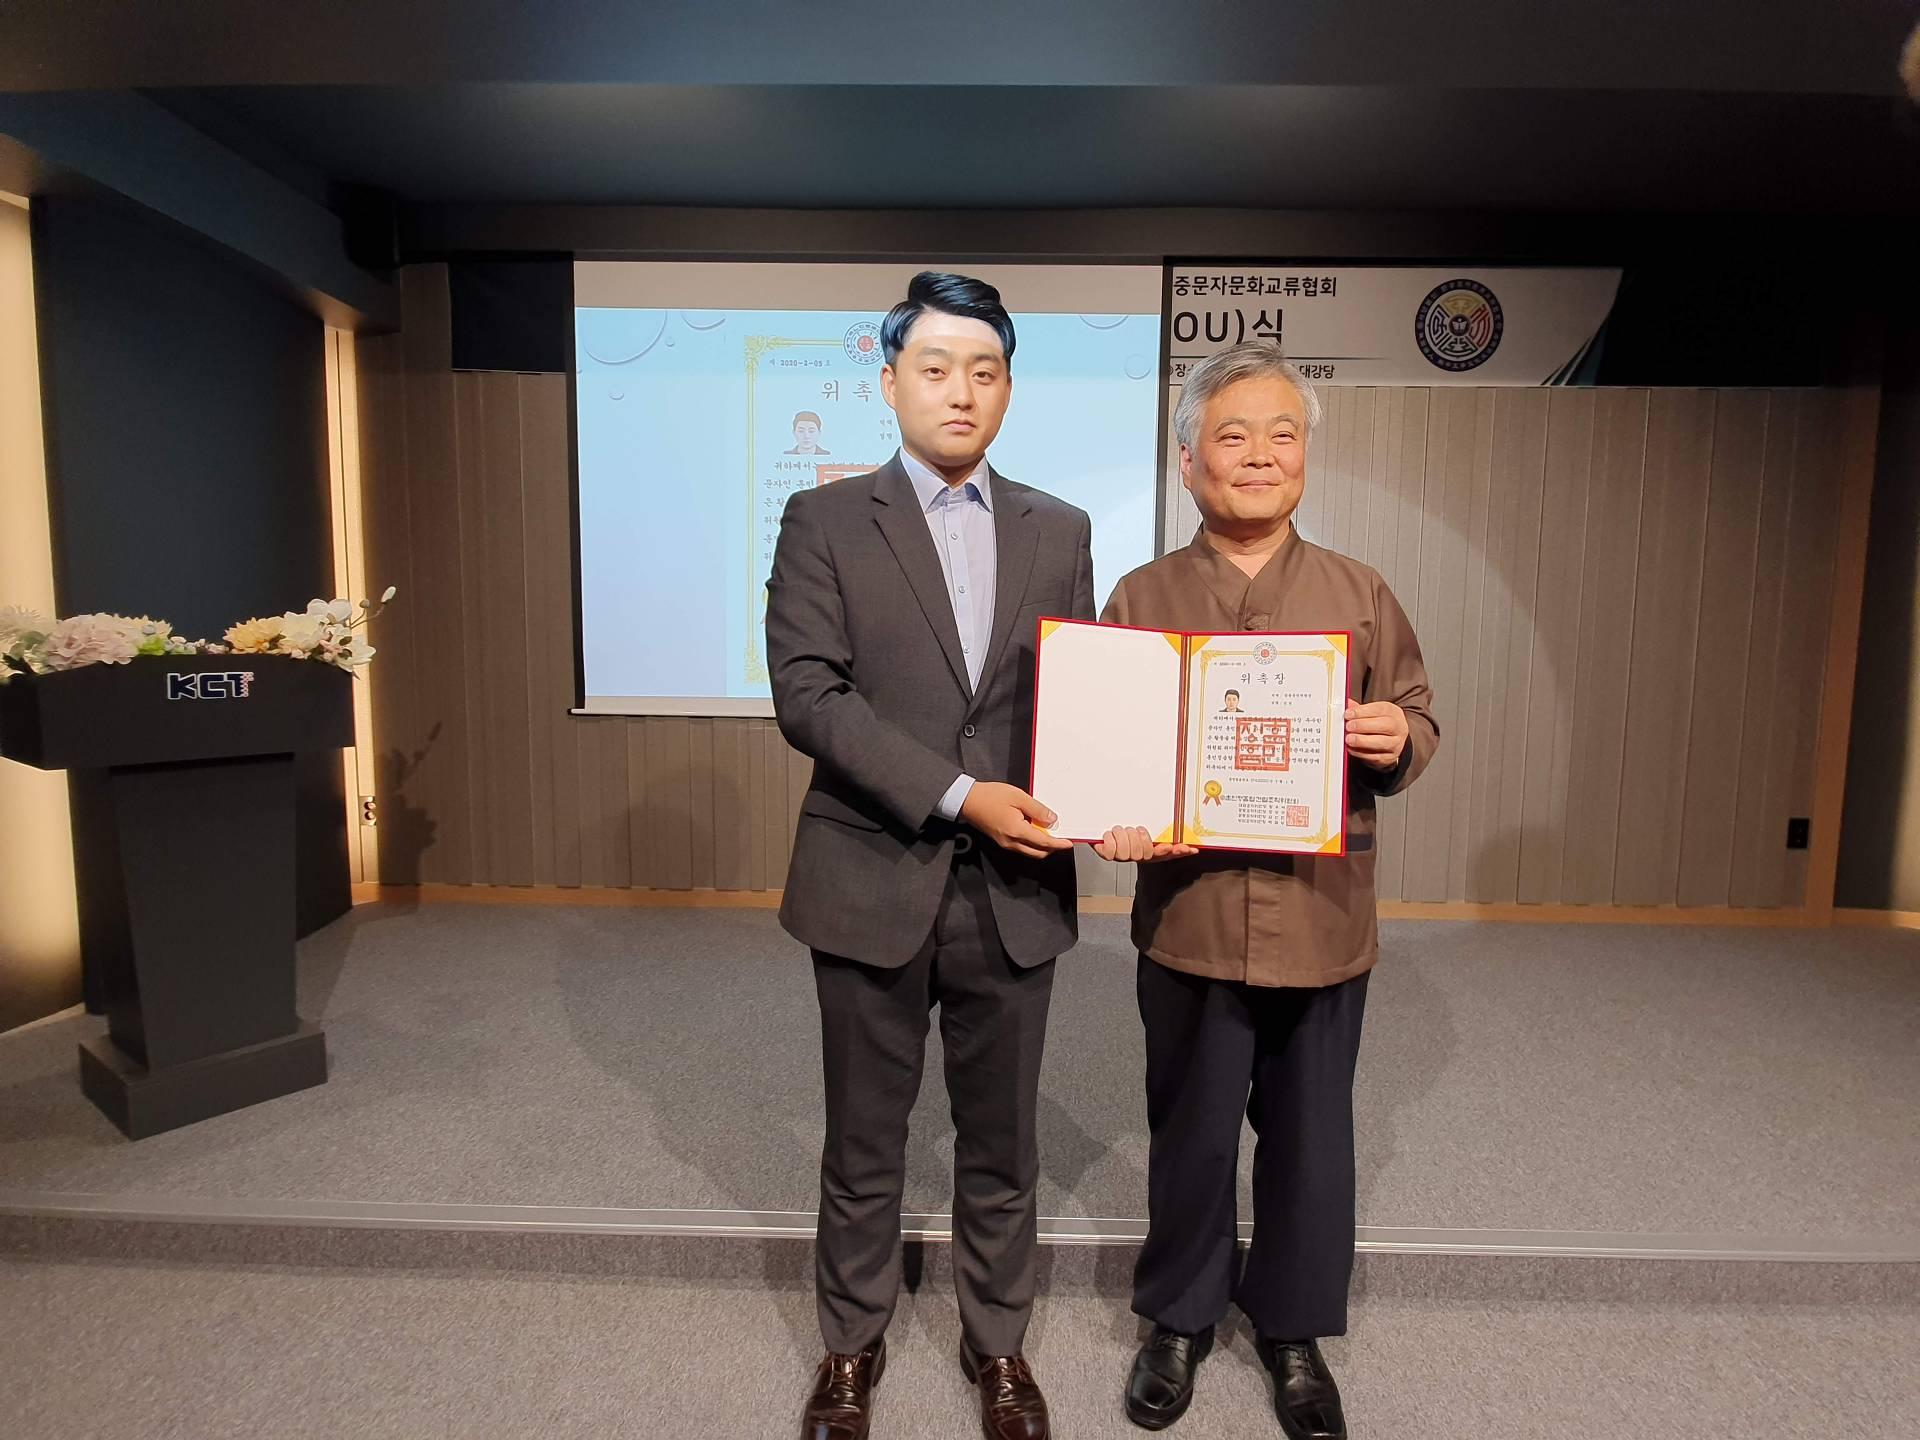 훈민정음탑 건립 조직위원회와 한중인재개발원 업무협약(MOU) 체결